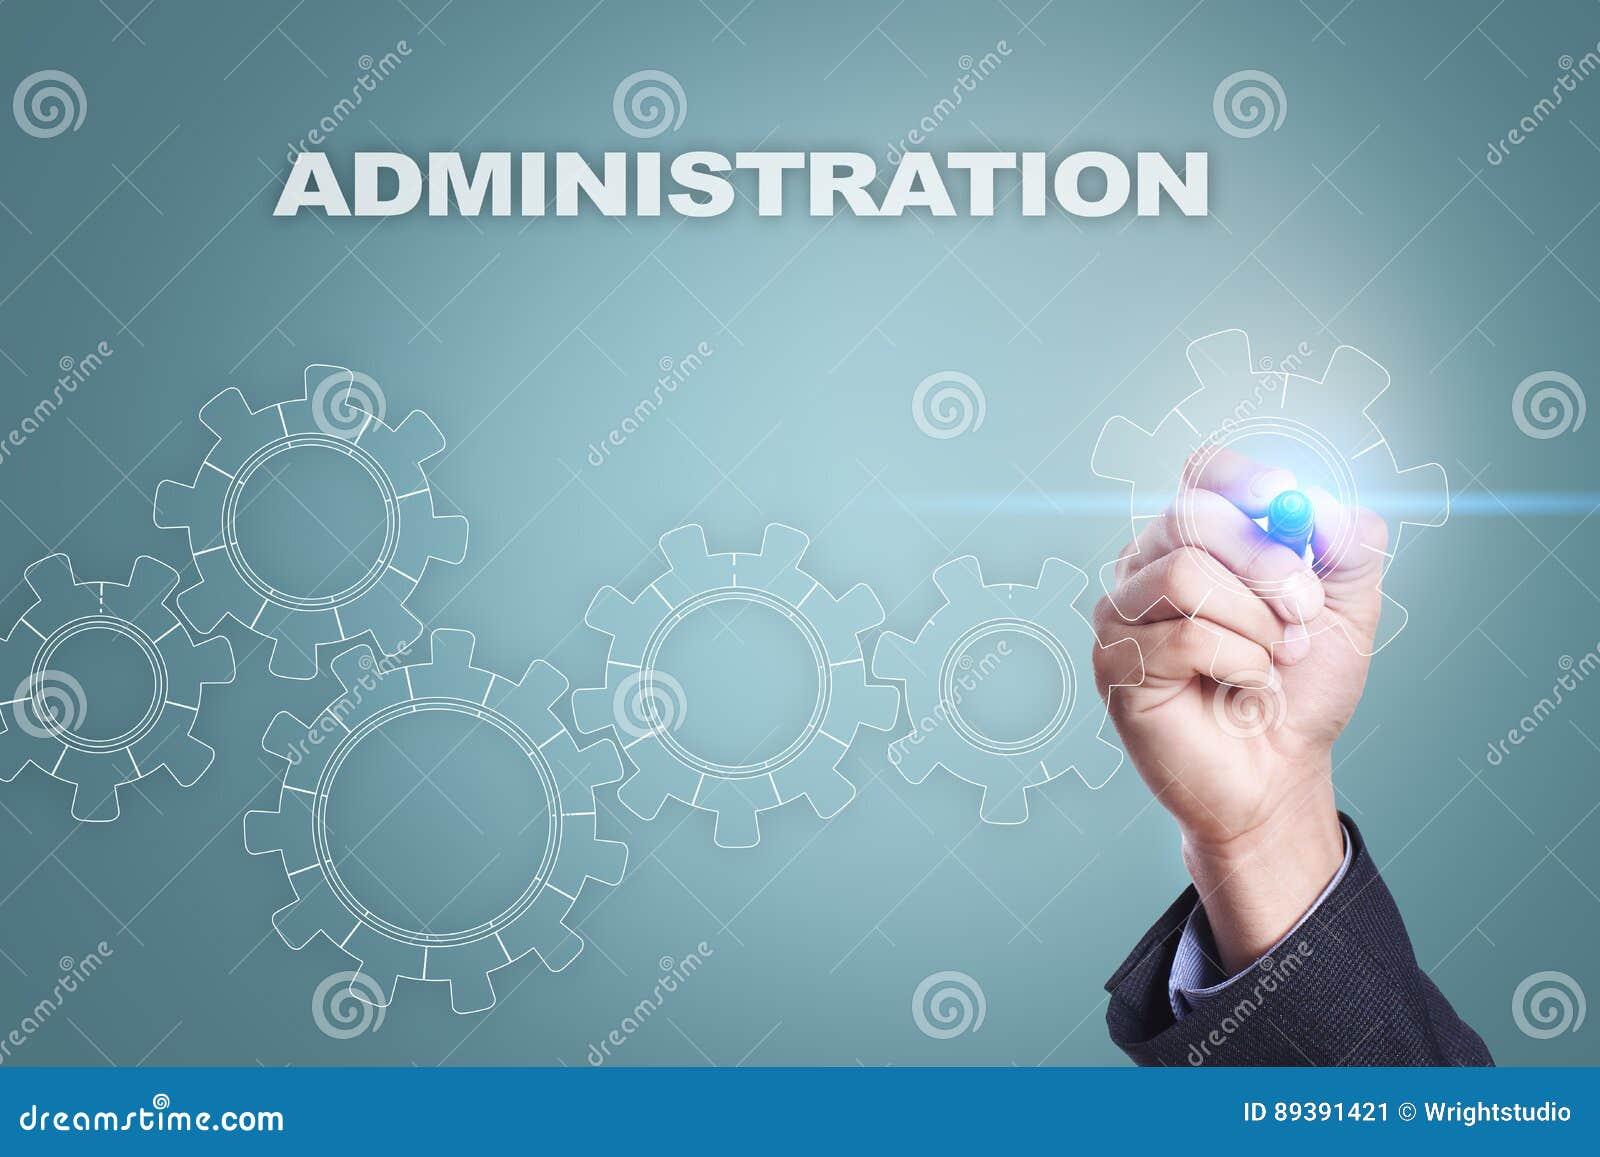 Desenho do homem de negócios na tela virtual conceito da administração